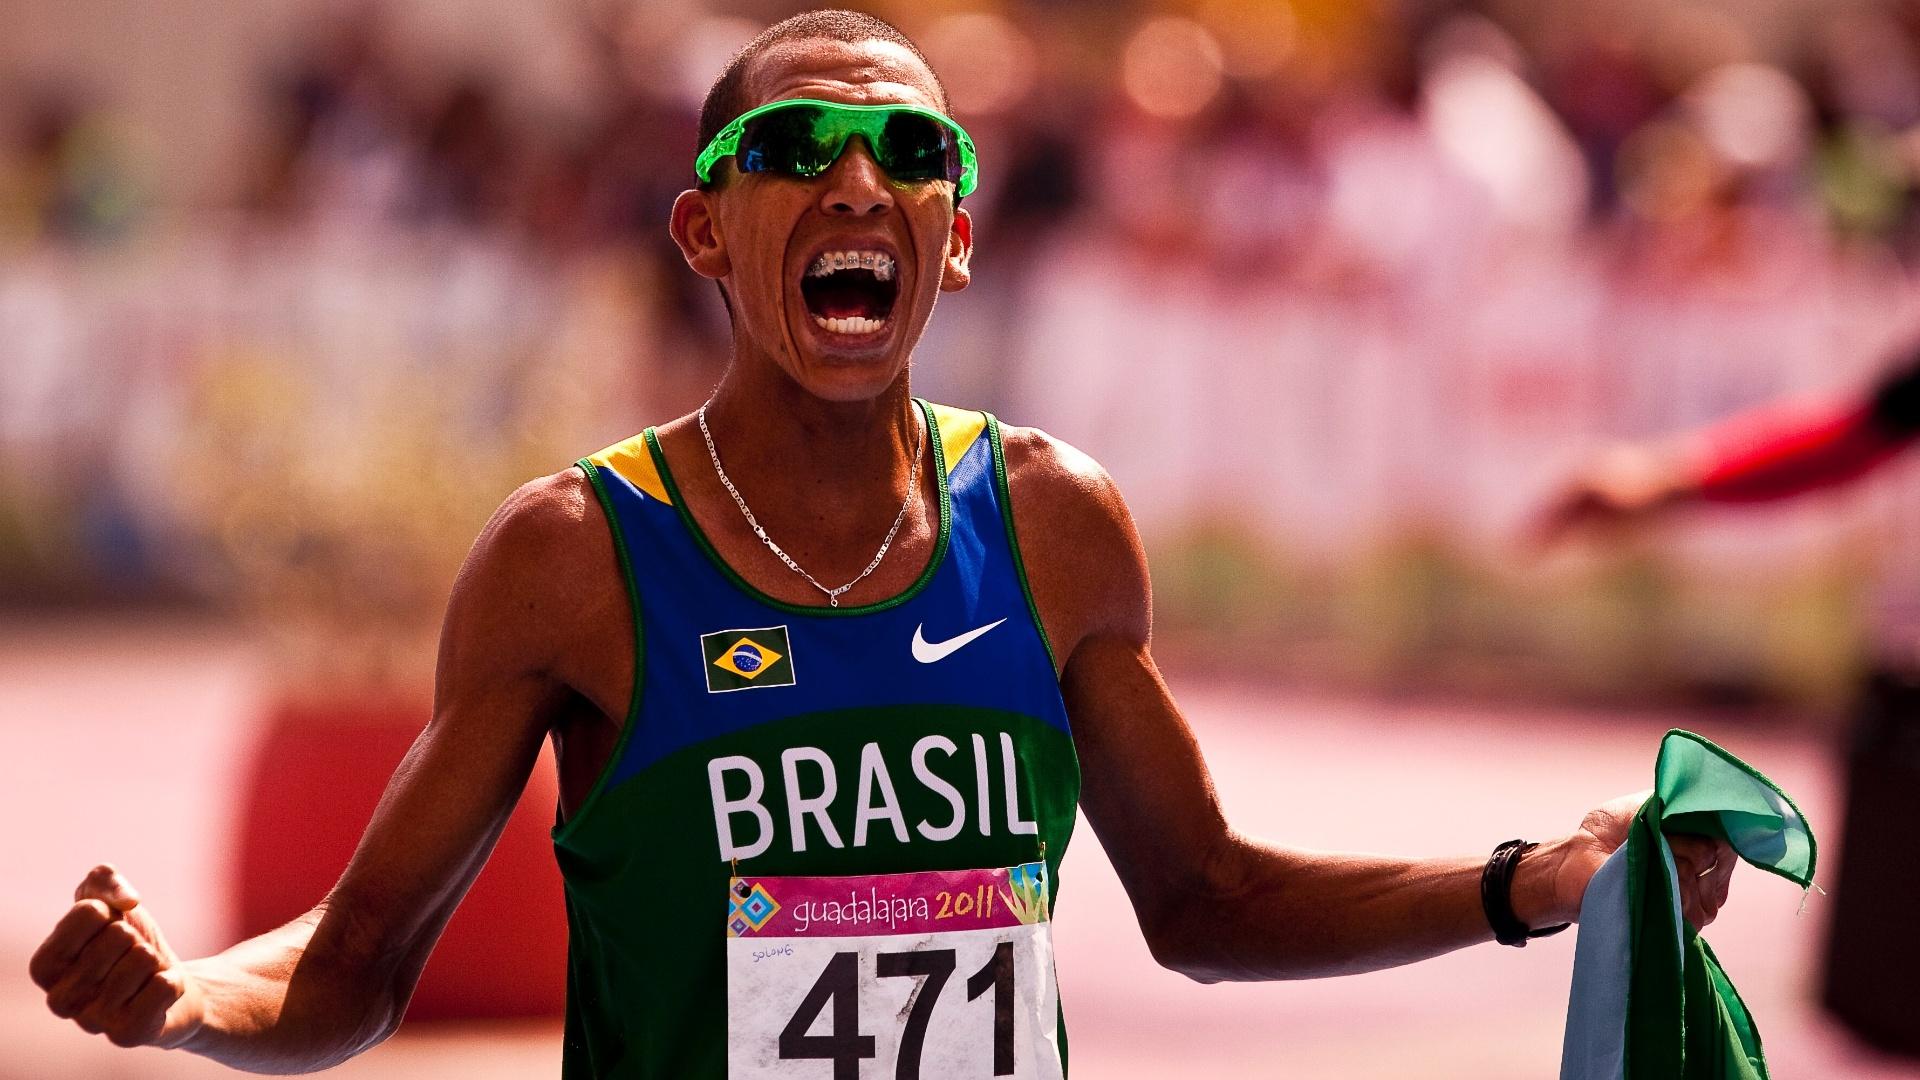 O brasileiro Solonei Silva comemora após vencer a maratona no Pan (30/10/2011)